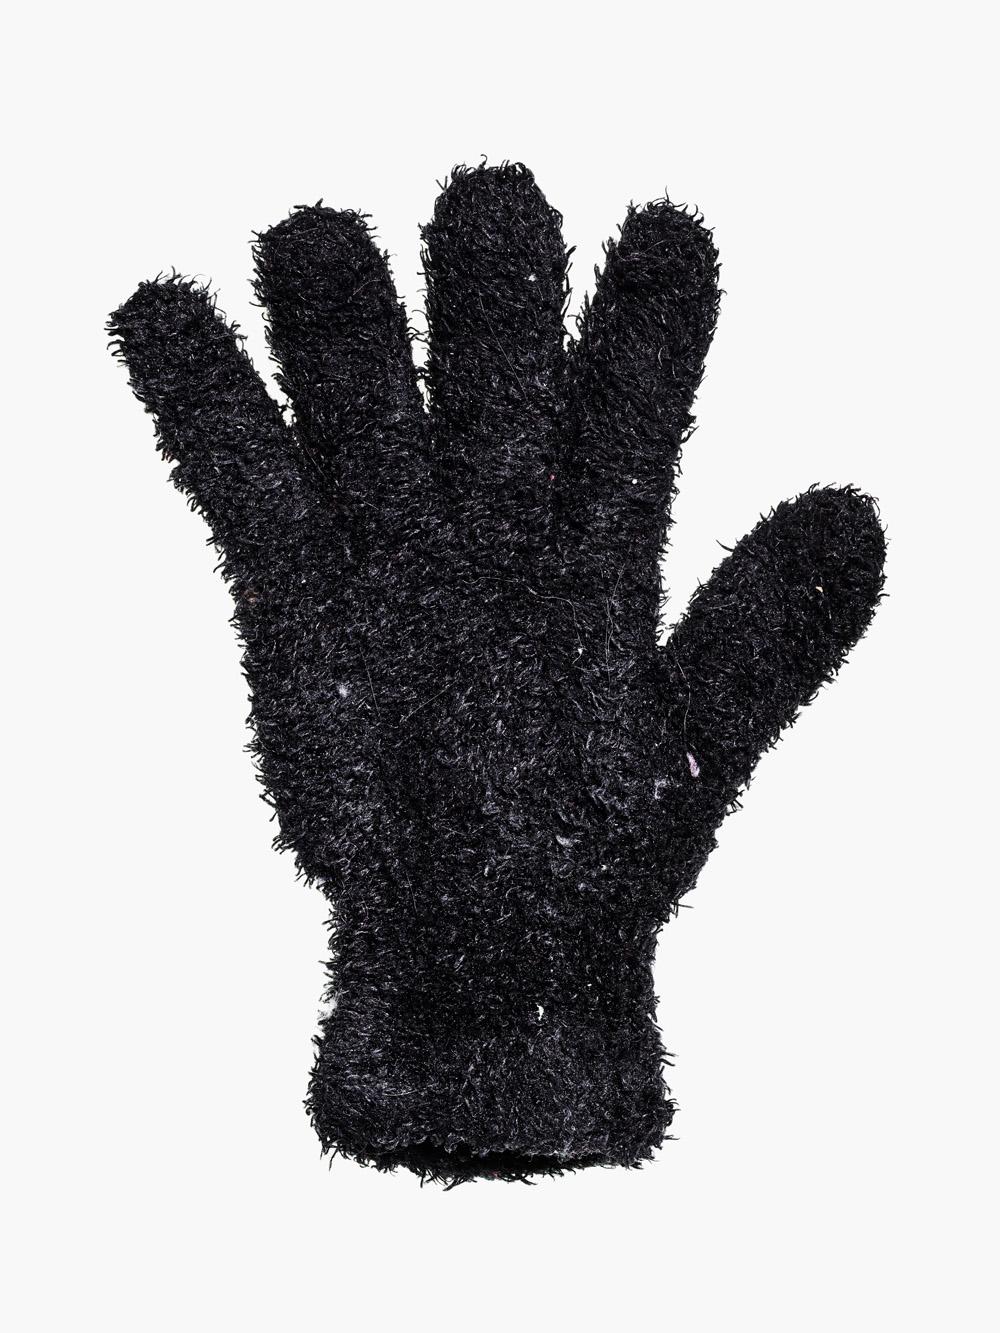 20170113 Found Gloves94404.jpg